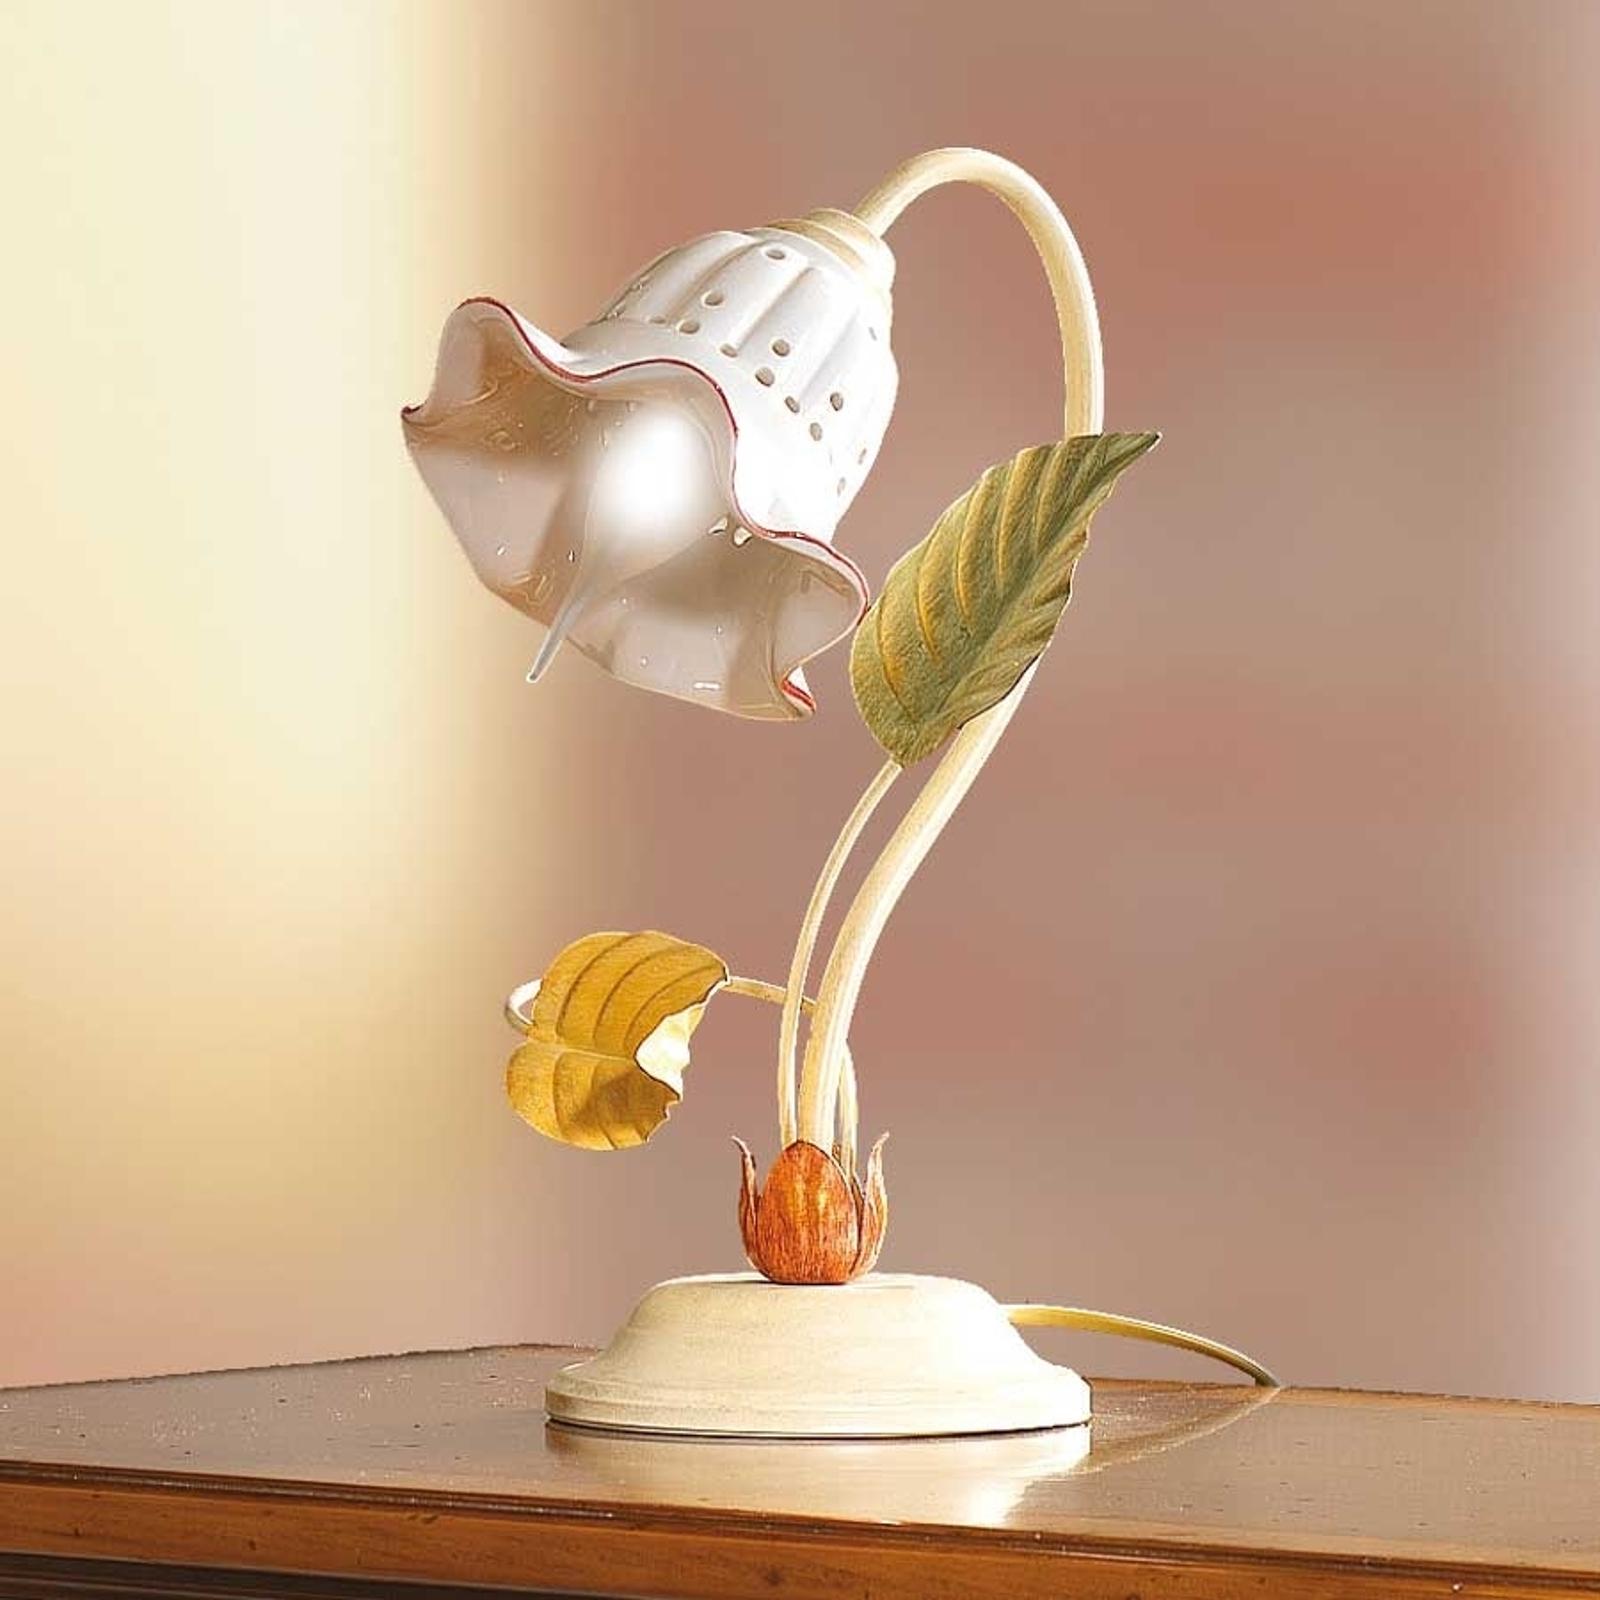 Lampa stołowa GIADE w stylu florentyńskim